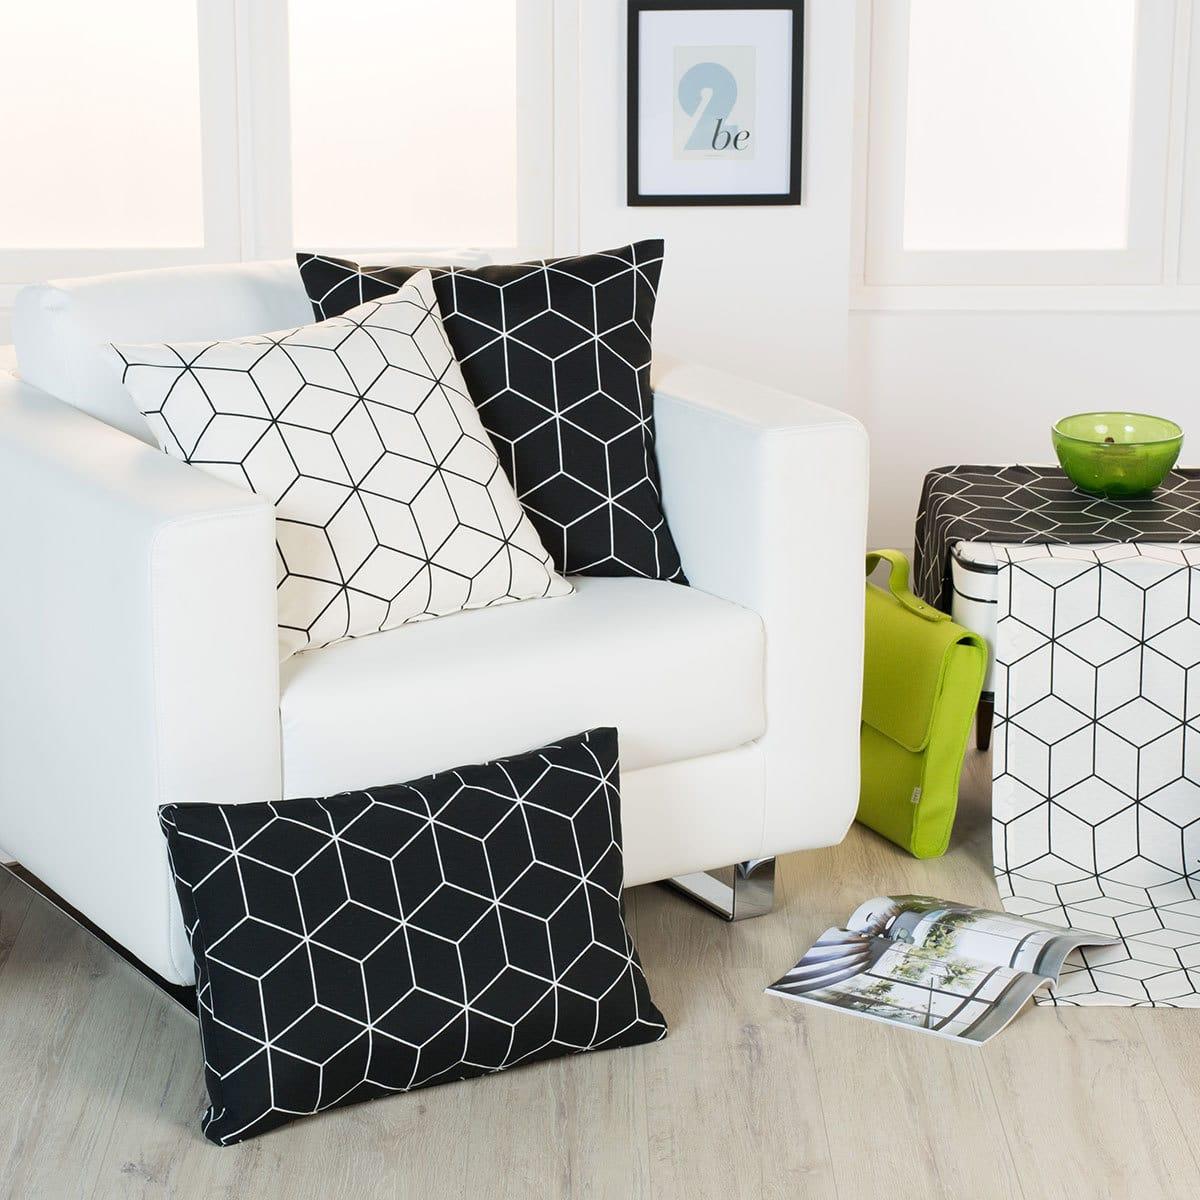 sun garden kissenh lle mikos g nstig online kaufen bei bettwaren shop. Black Bedroom Furniture Sets. Home Design Ideas